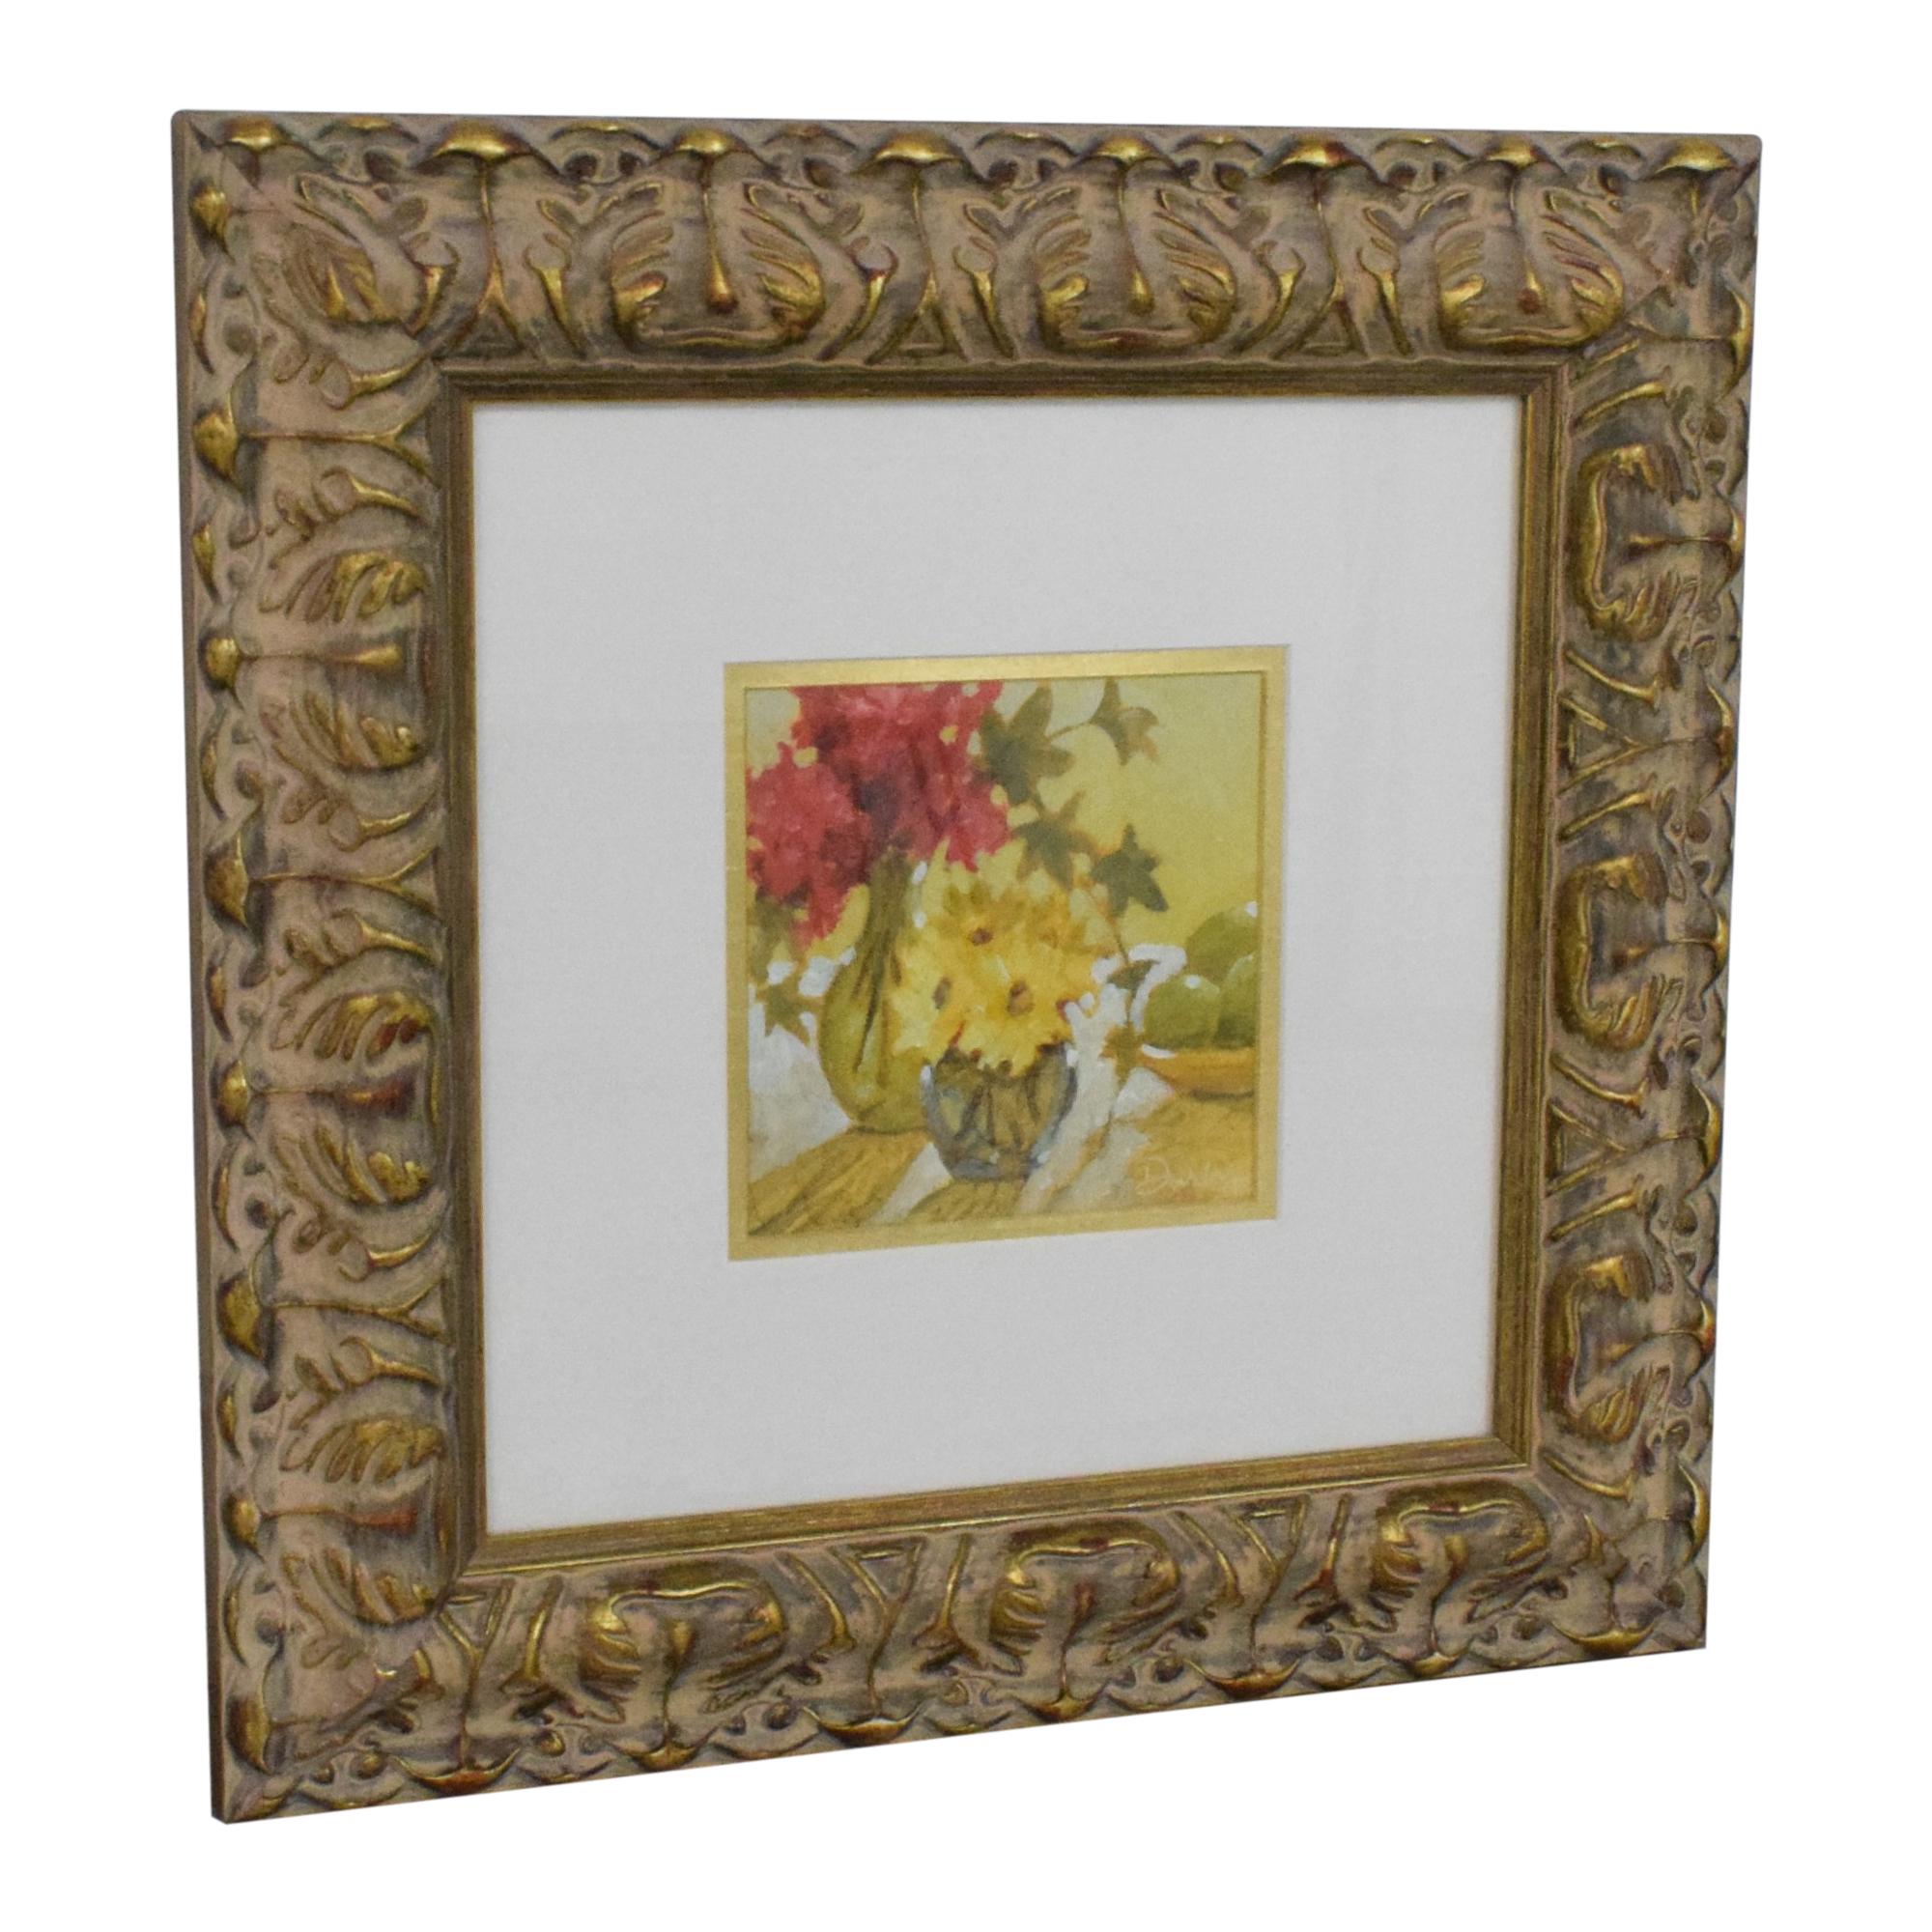 shop Ethan Allen Ethan Allen Flowers Framed Wall Art online